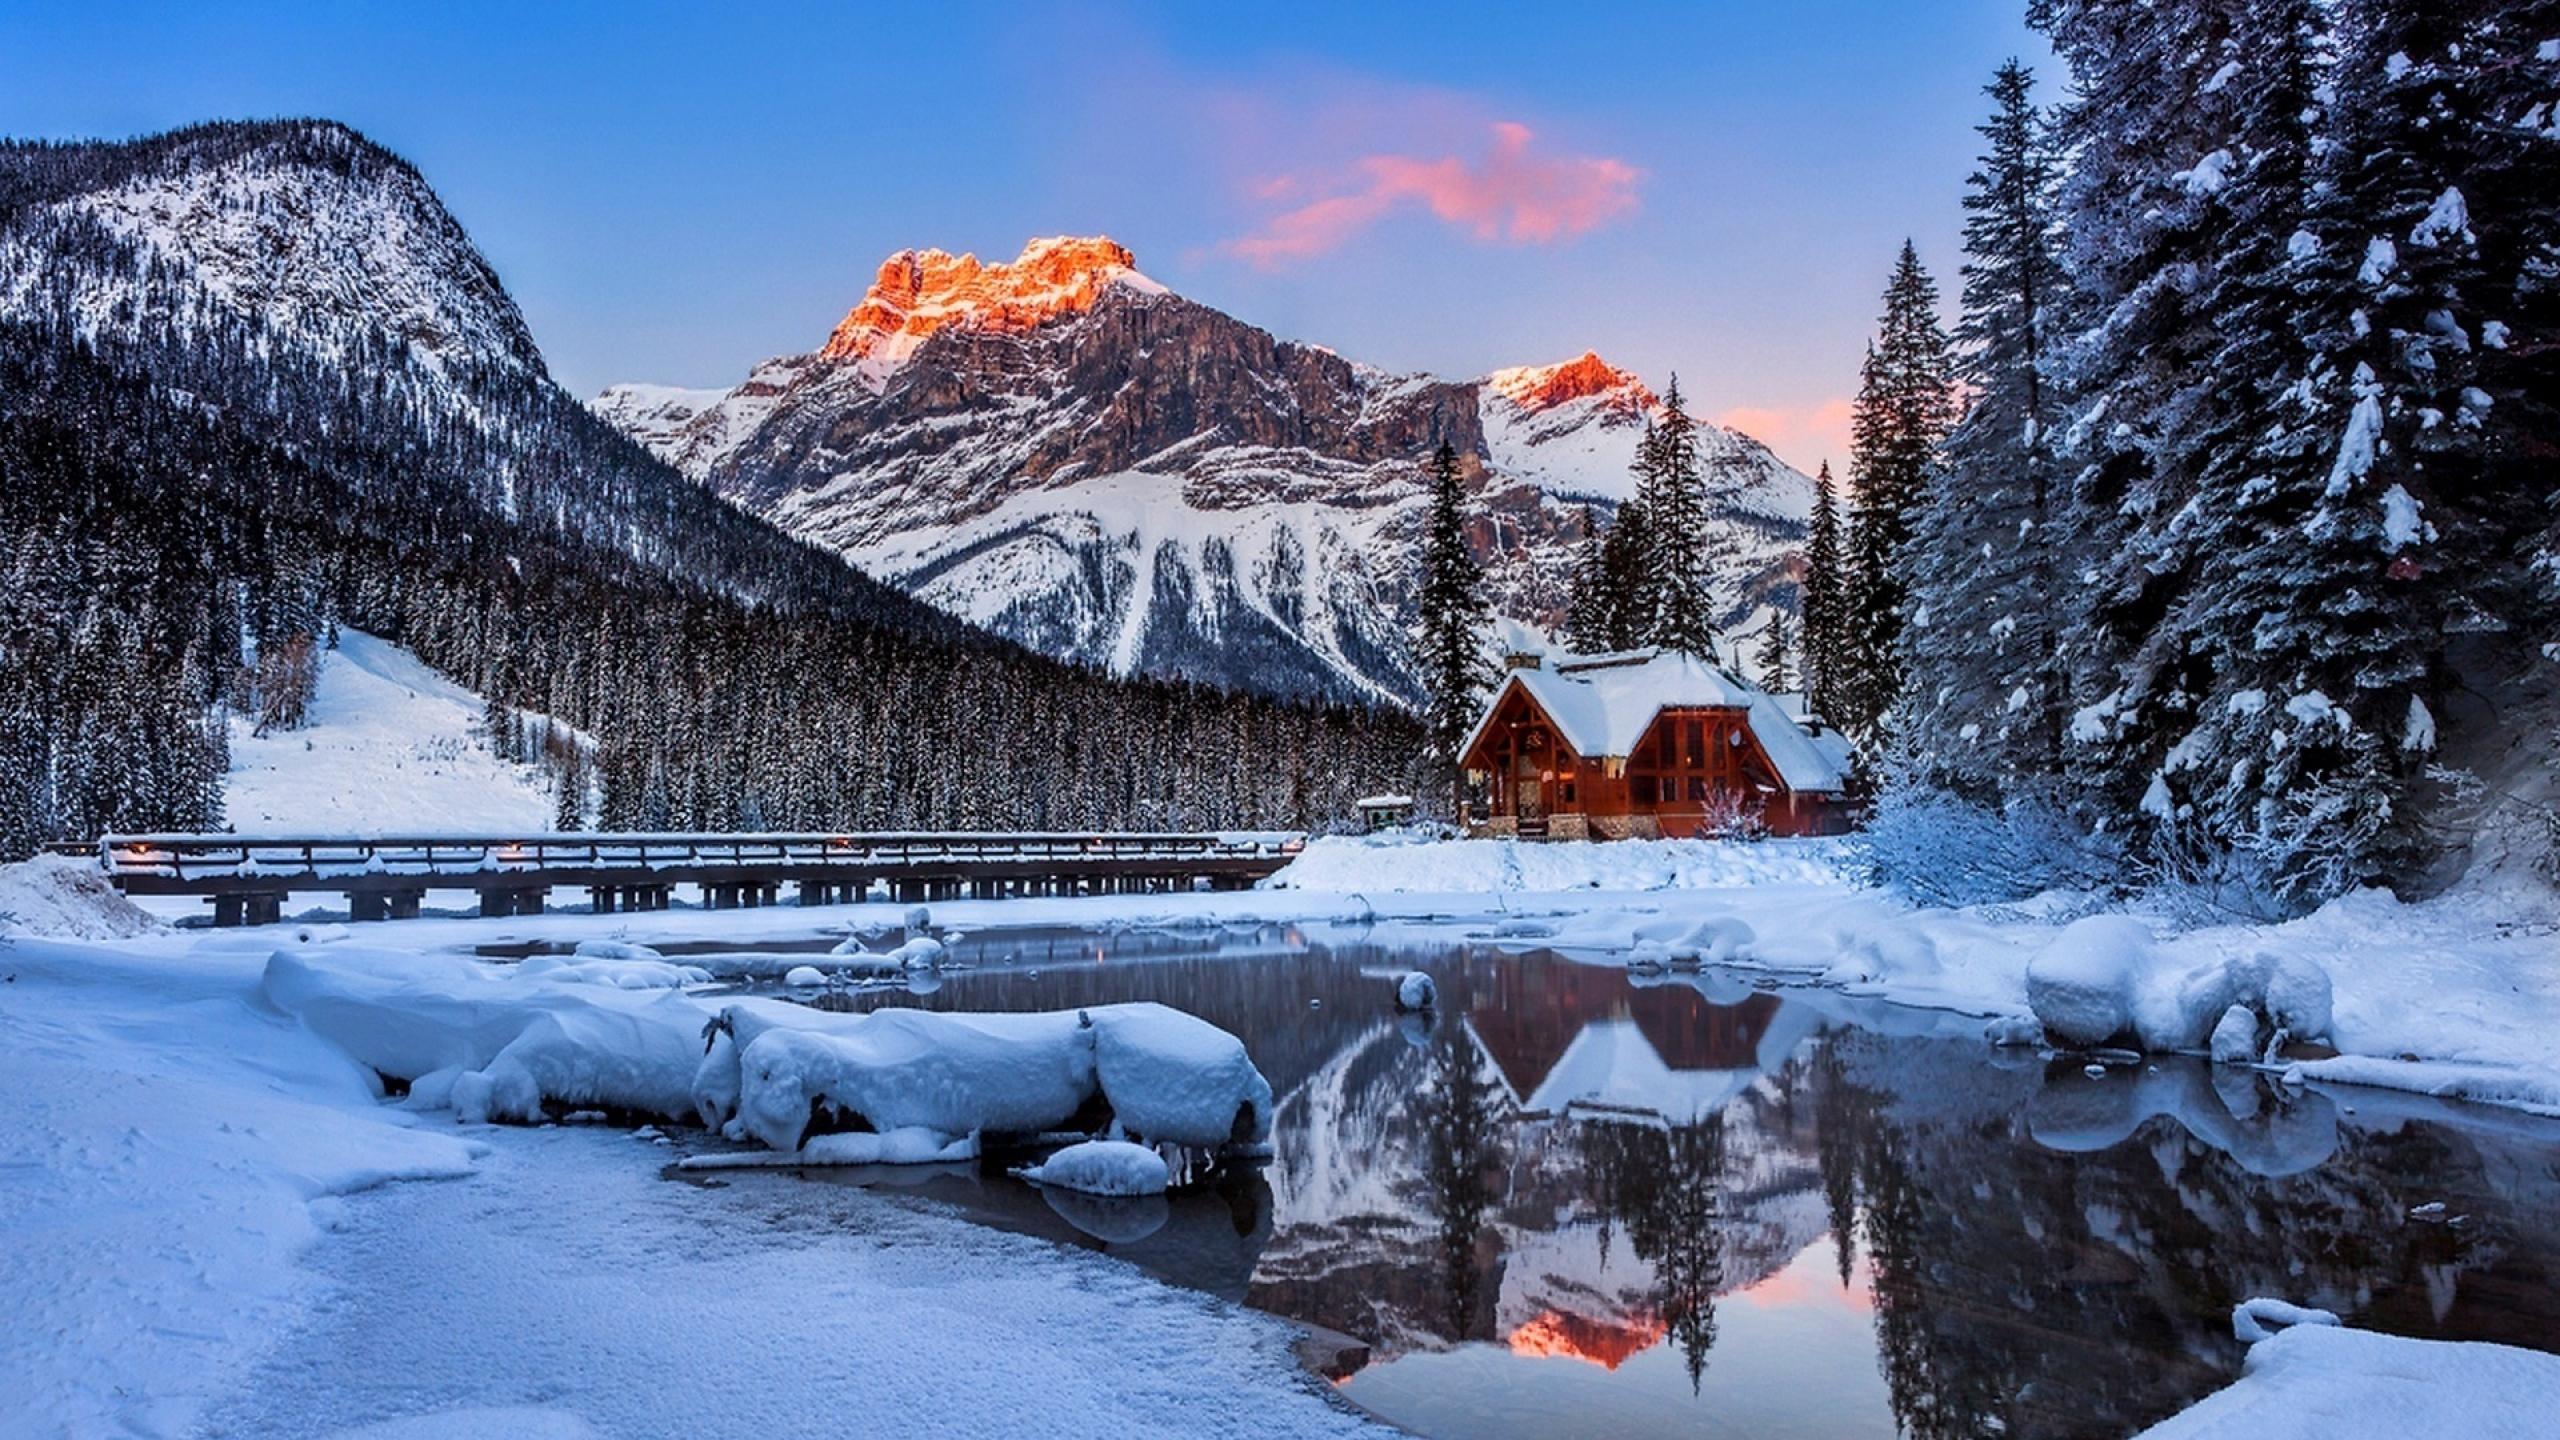 Winter Mountains Hd Wallpaper